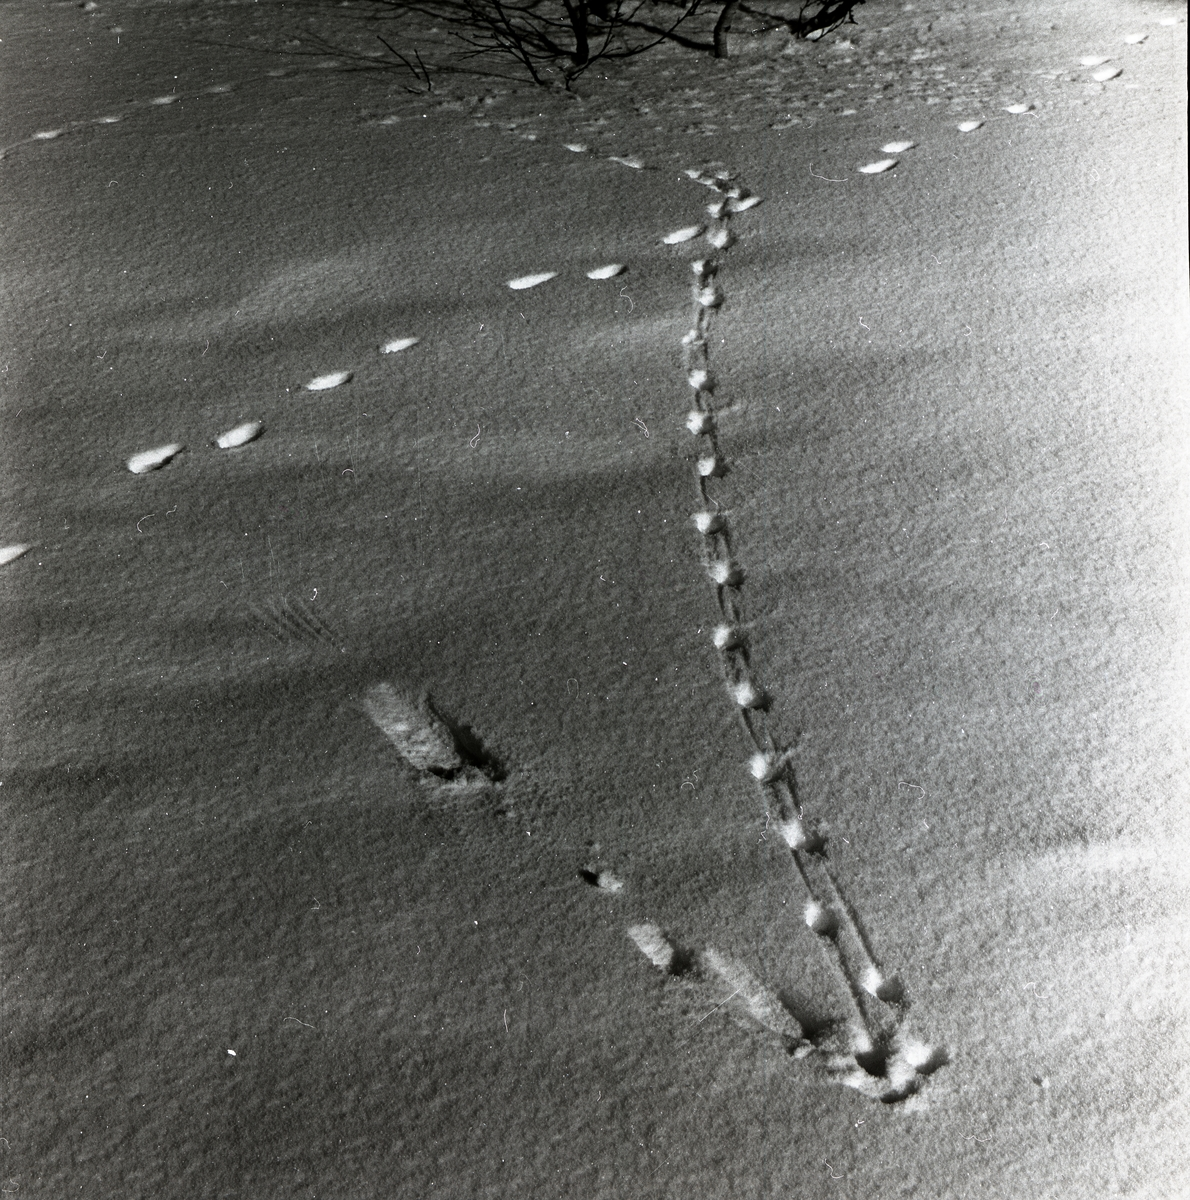 Spår från ripa i snön vid Storlien, mars 1960.